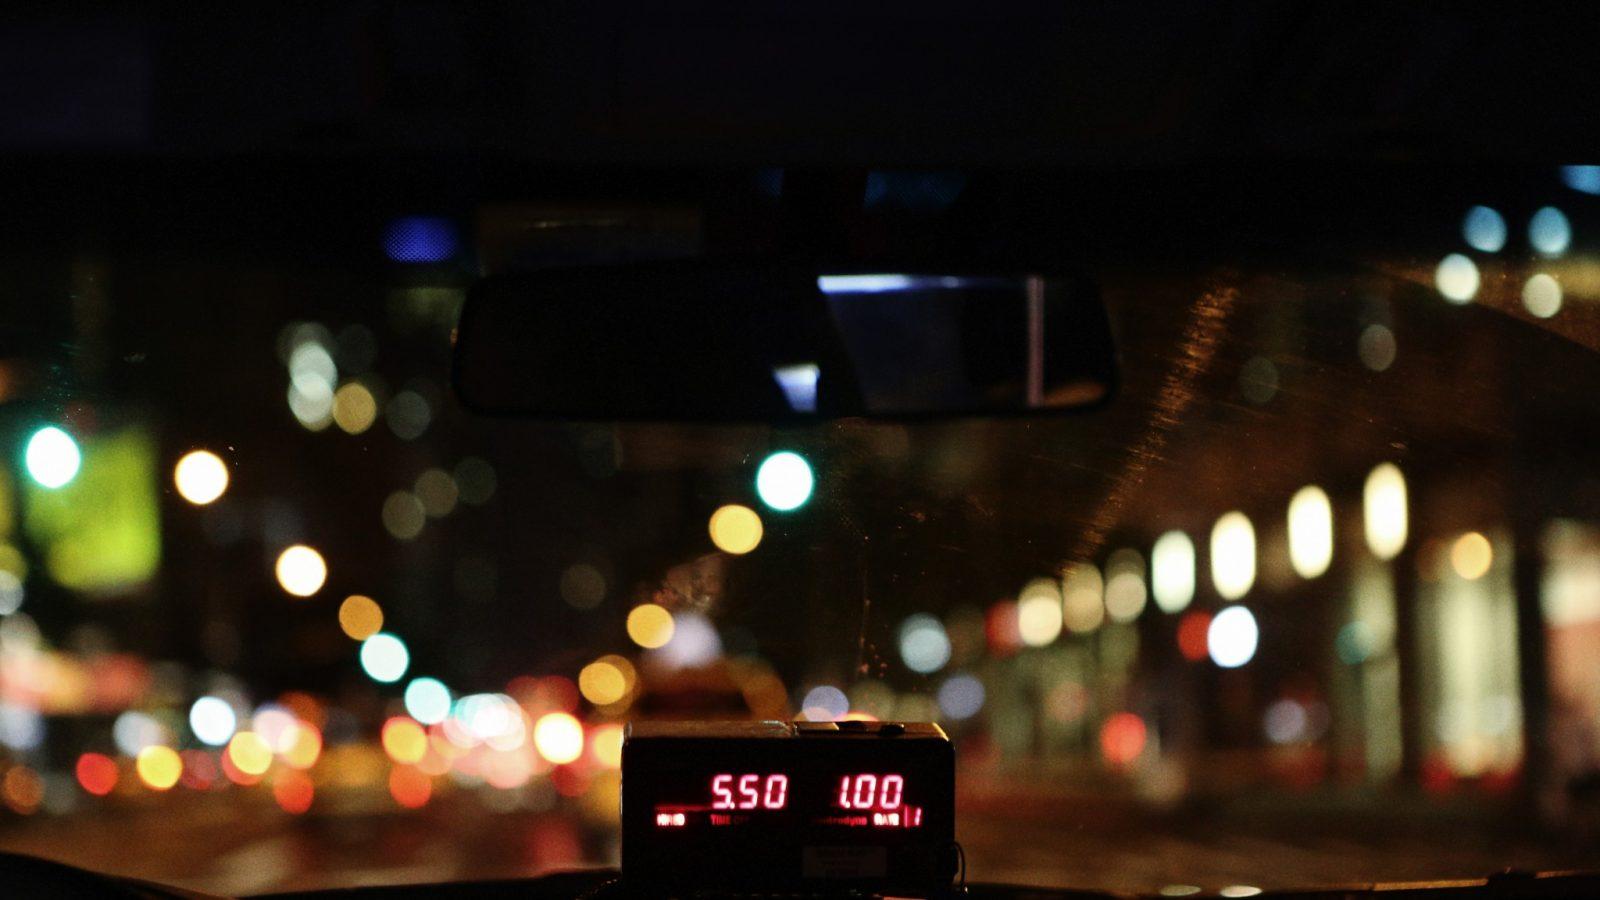 9-Life-of-Pix-free-stock-photos-city-taxi-night-light-leeroy